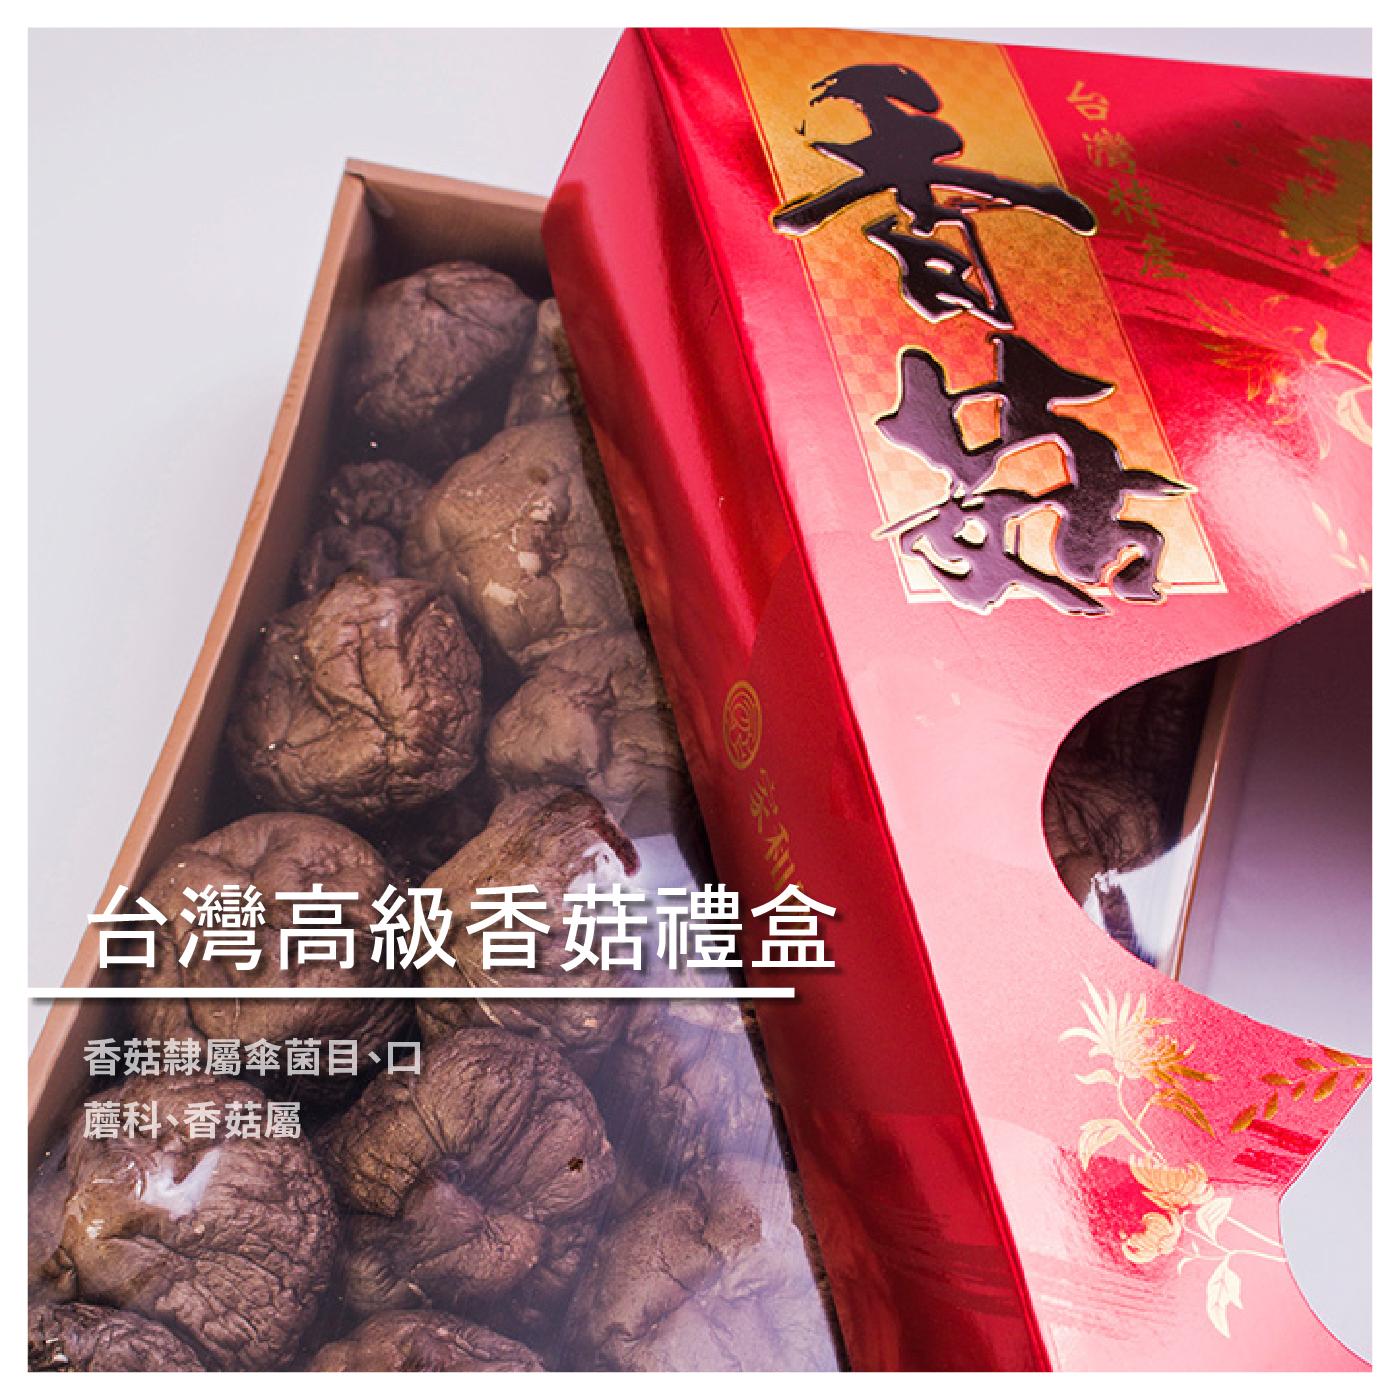 【家和興】台灣高級香菇禮盒-300g